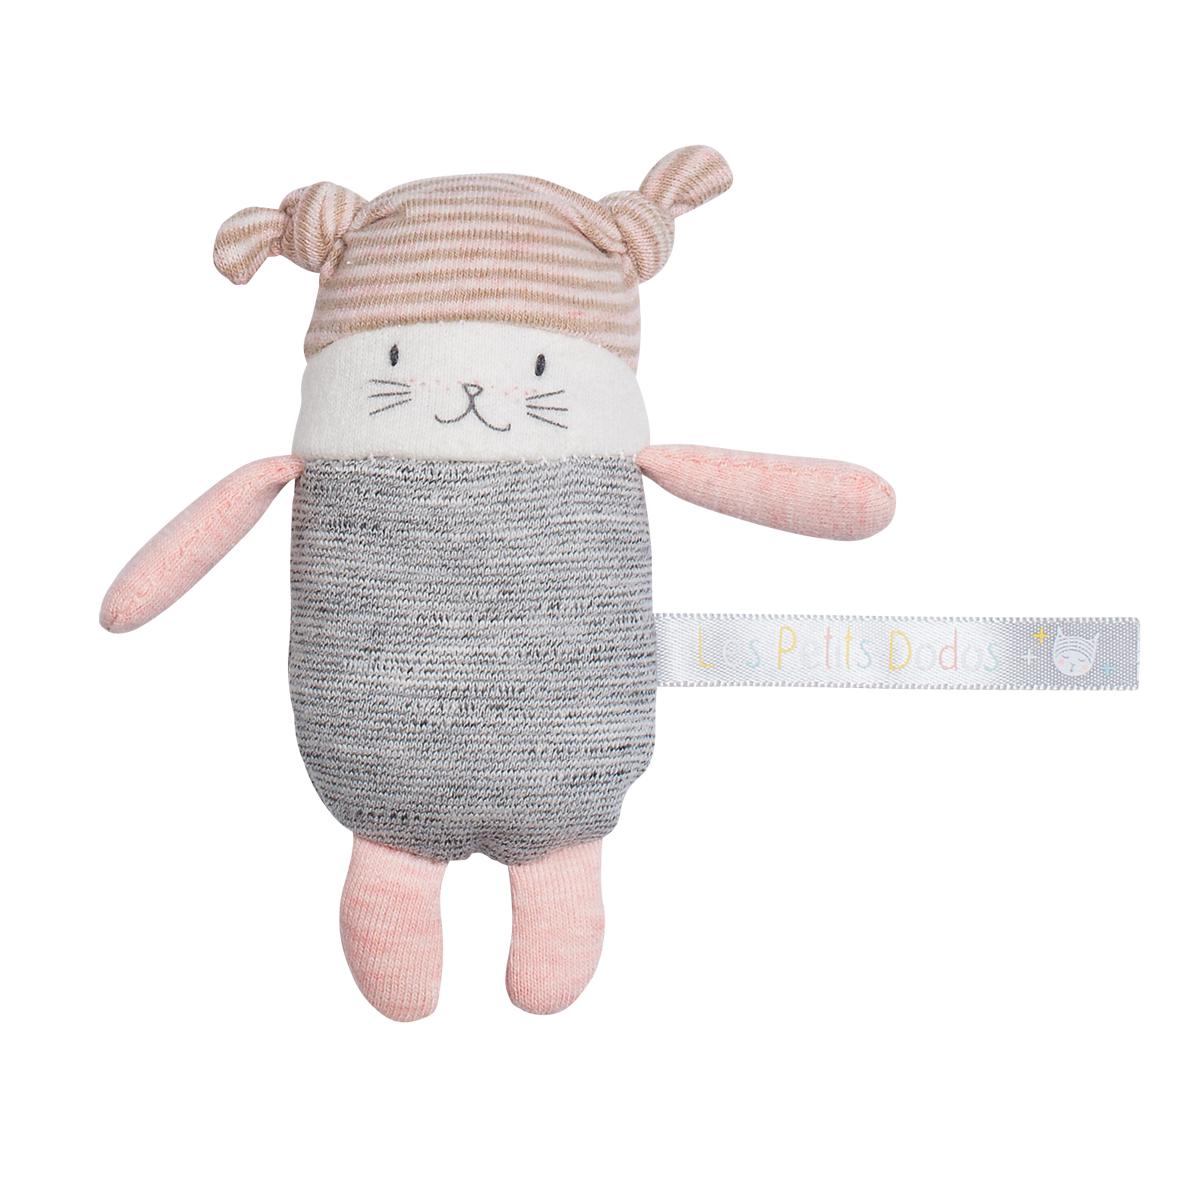 「Les PetitDodos」リトルドゥドゥ しましま帽子(ピンク)